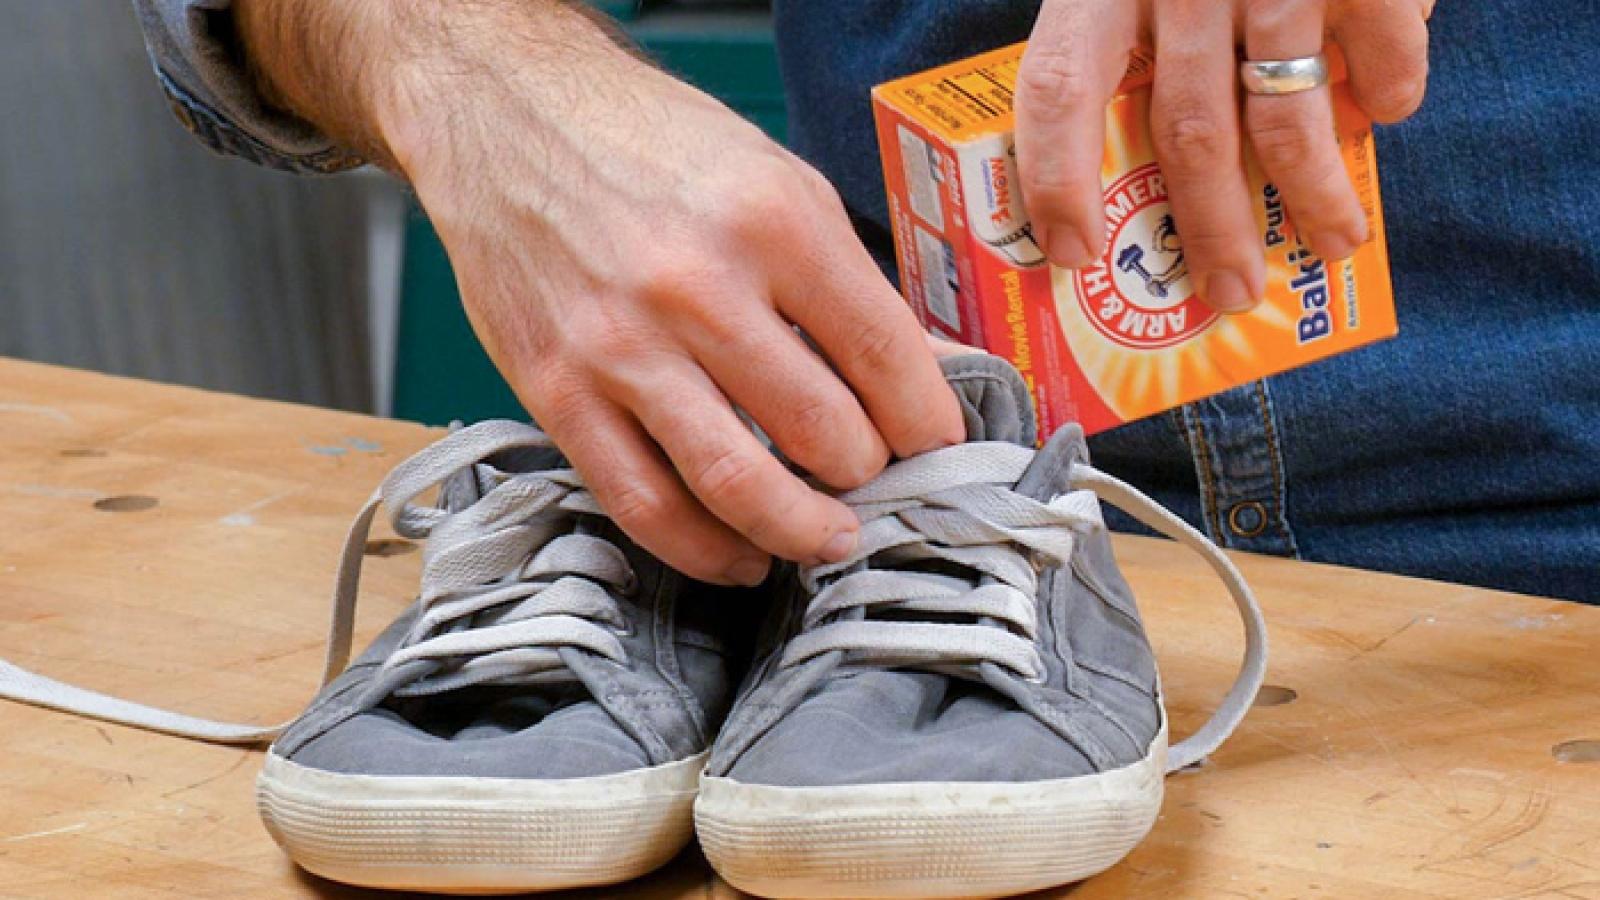 Làm thế nào để khử mùi hôi của giày trong tiết trời hanh khô?